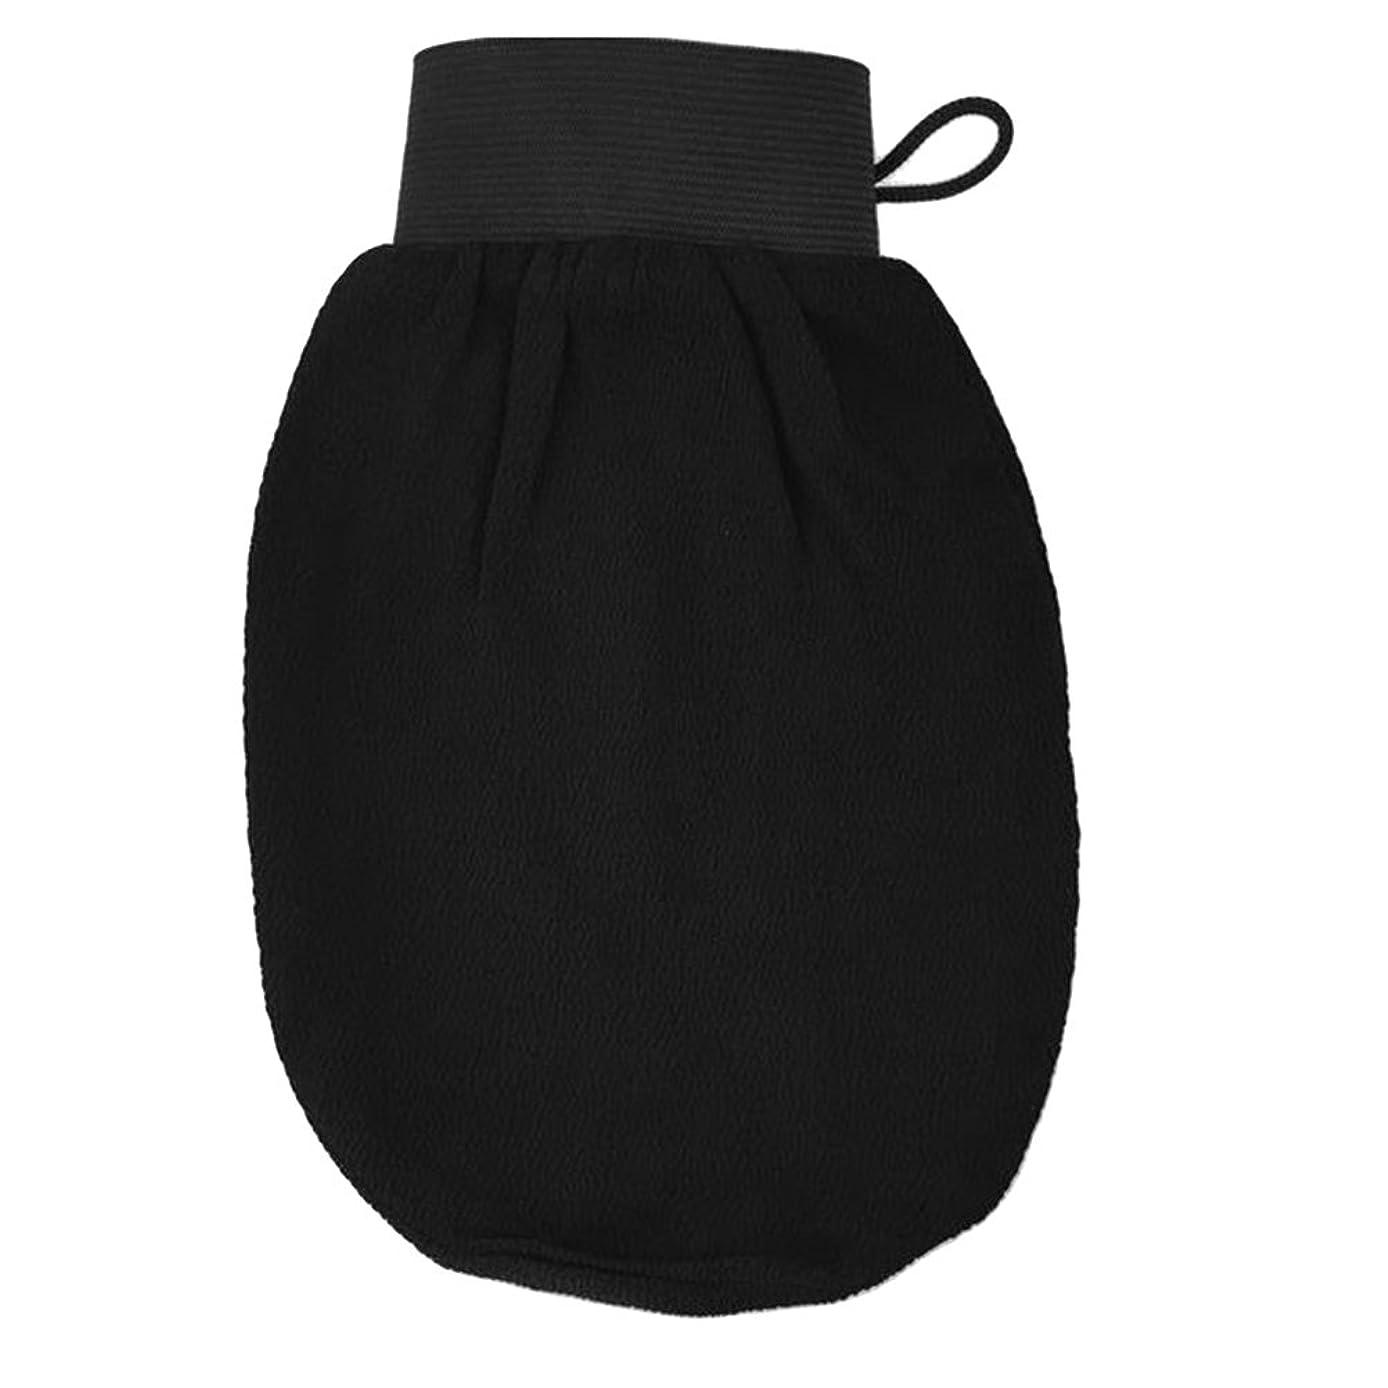 レルム溝クールROSENICE バスグローブ 浴用グローブ 角質取り 泡立ち 垢擦り 手袋 マッサージ ボディウォッシュ シャワー バスルーム 男女兼用 バス用品(ブラック)